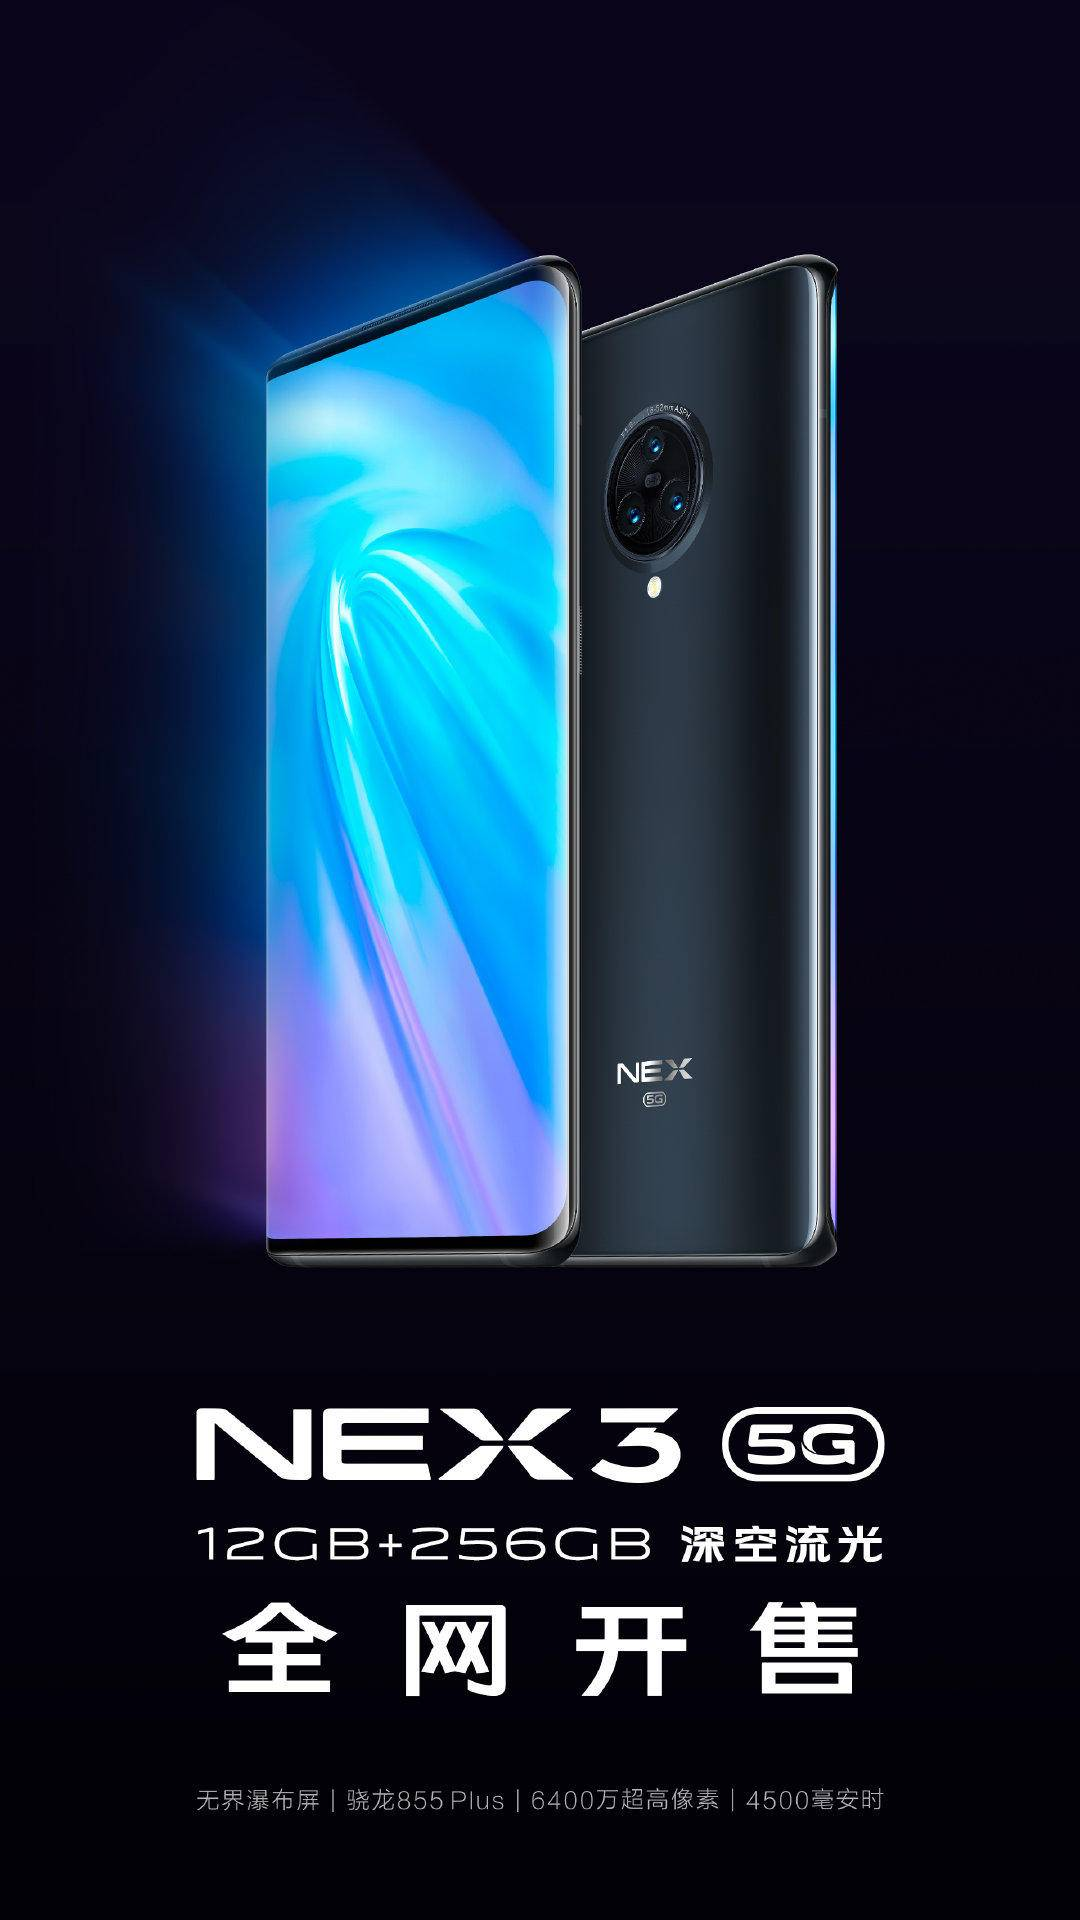 NEX 3 5G与iPhone 11 Pro Max大比武,坐论未来流行趋势